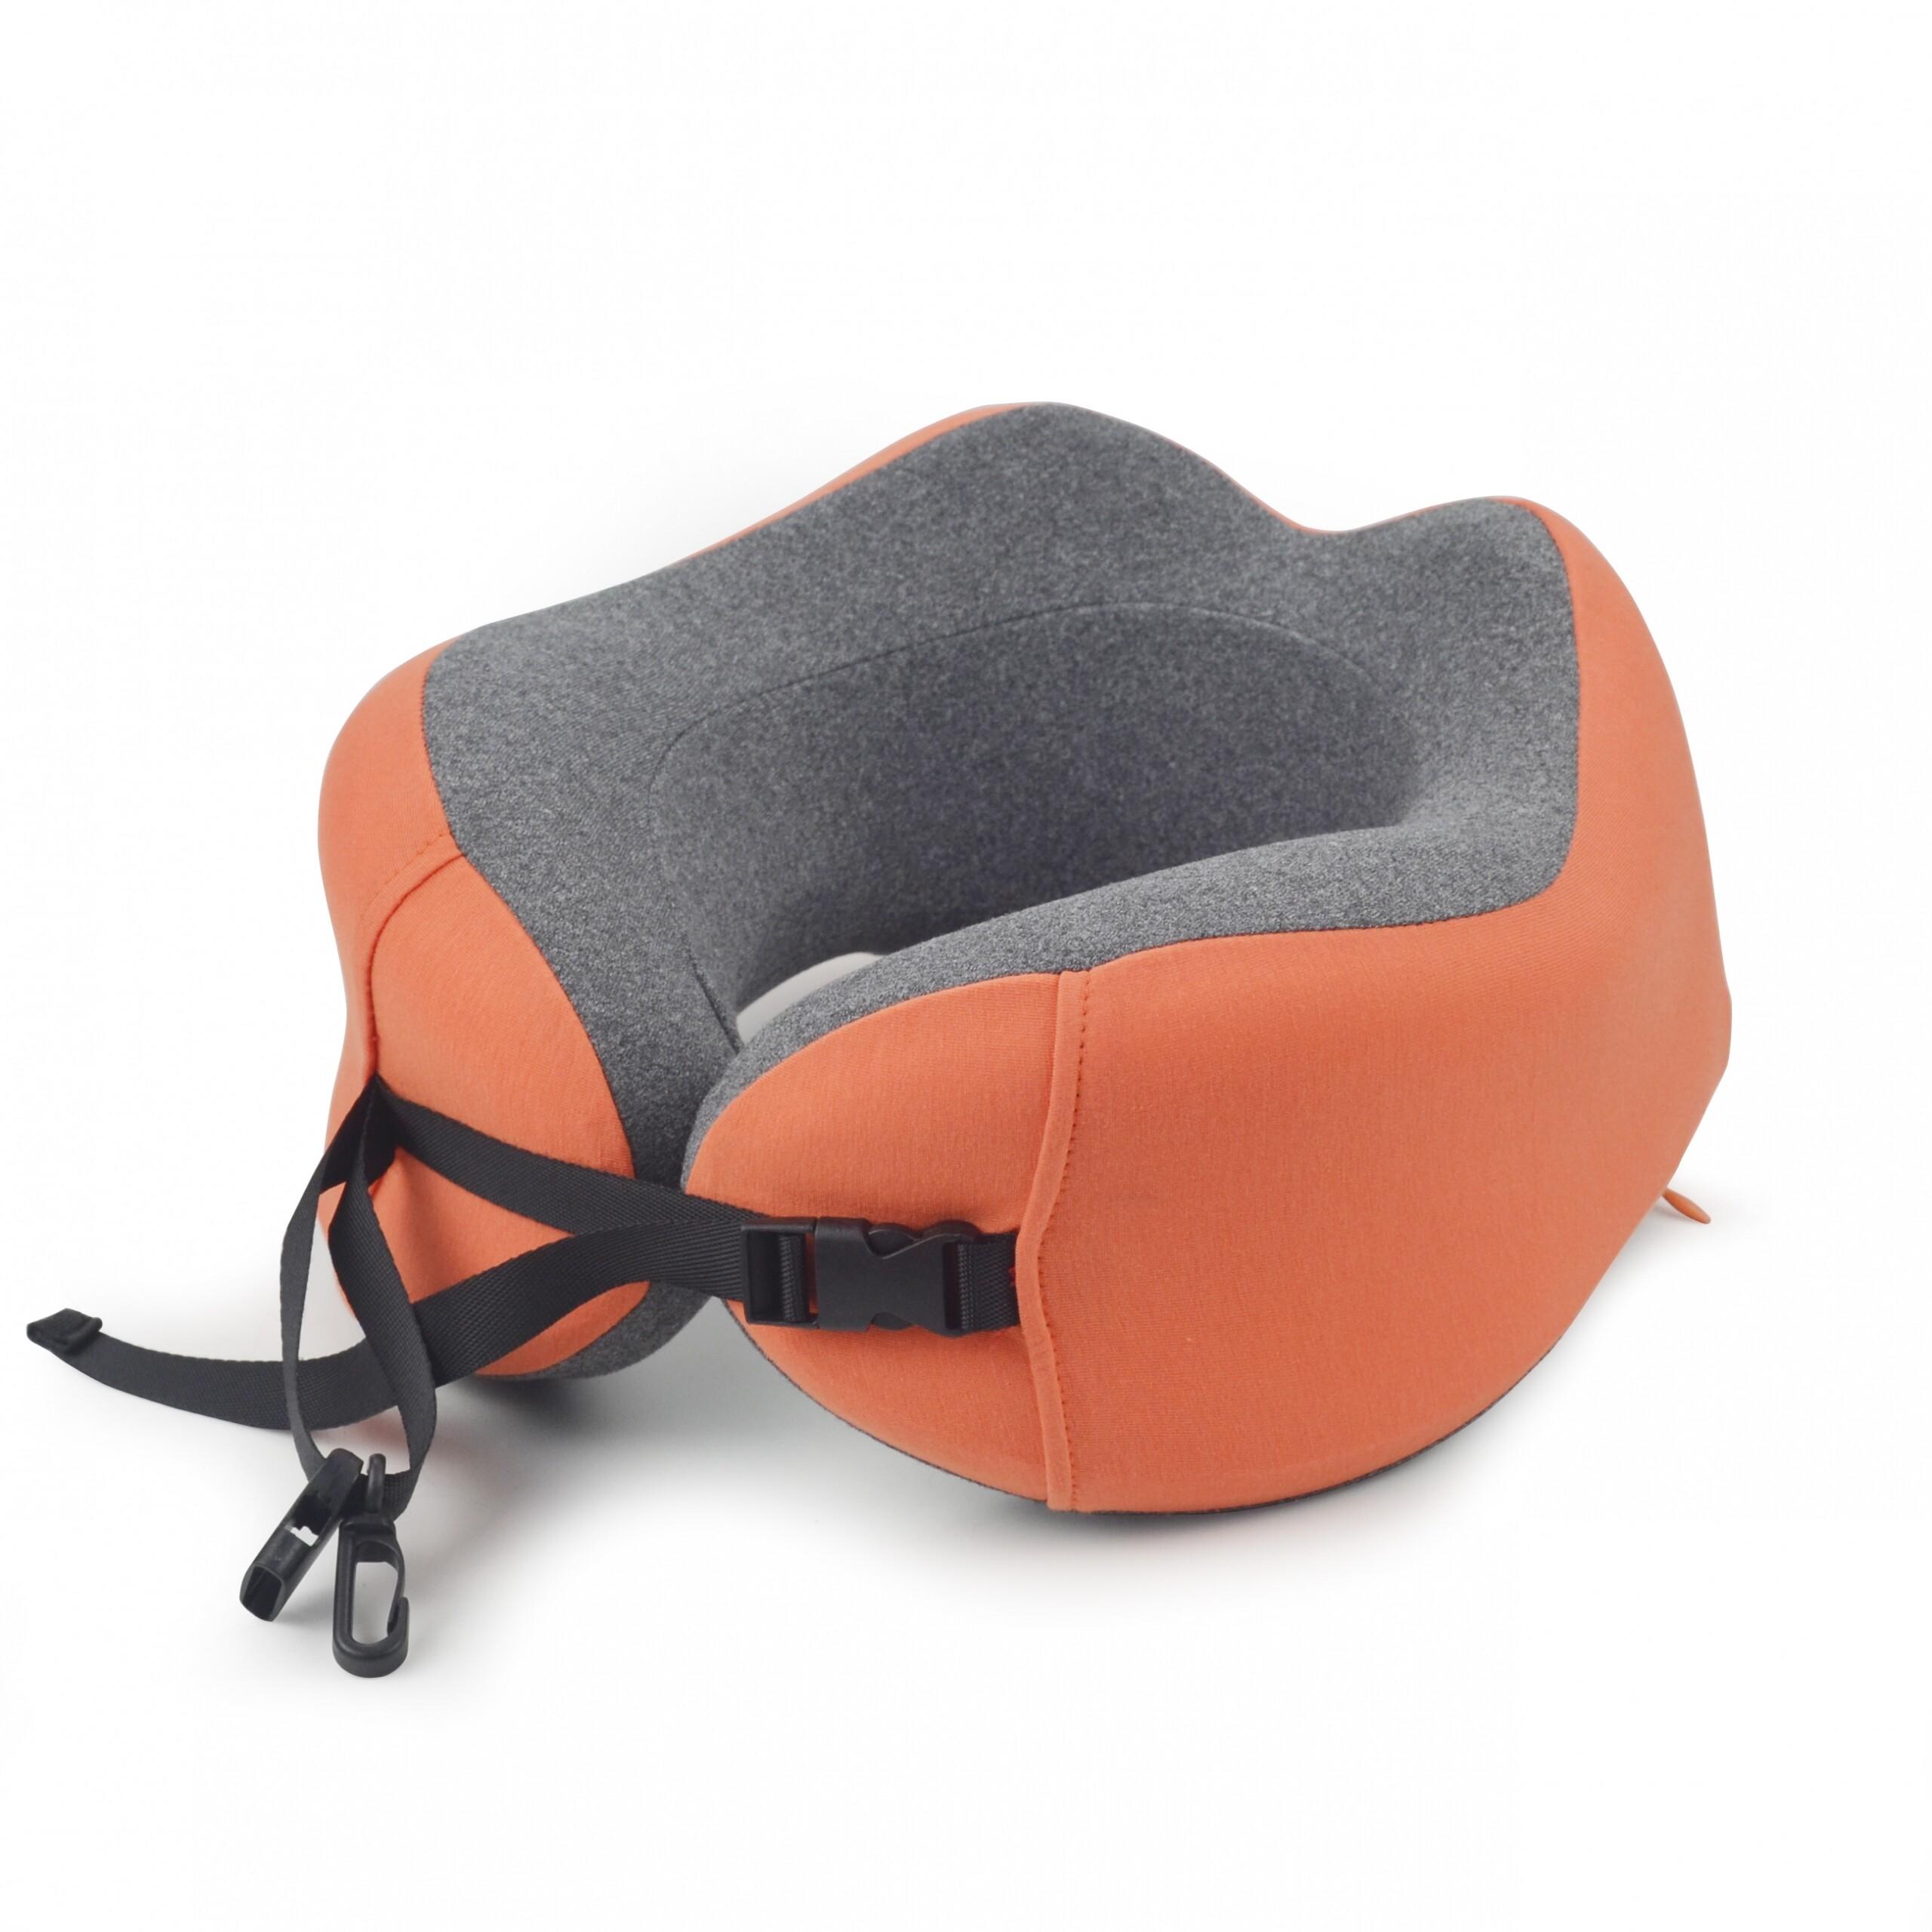 Orange gray custom travel pillow foldable travel neck pillow